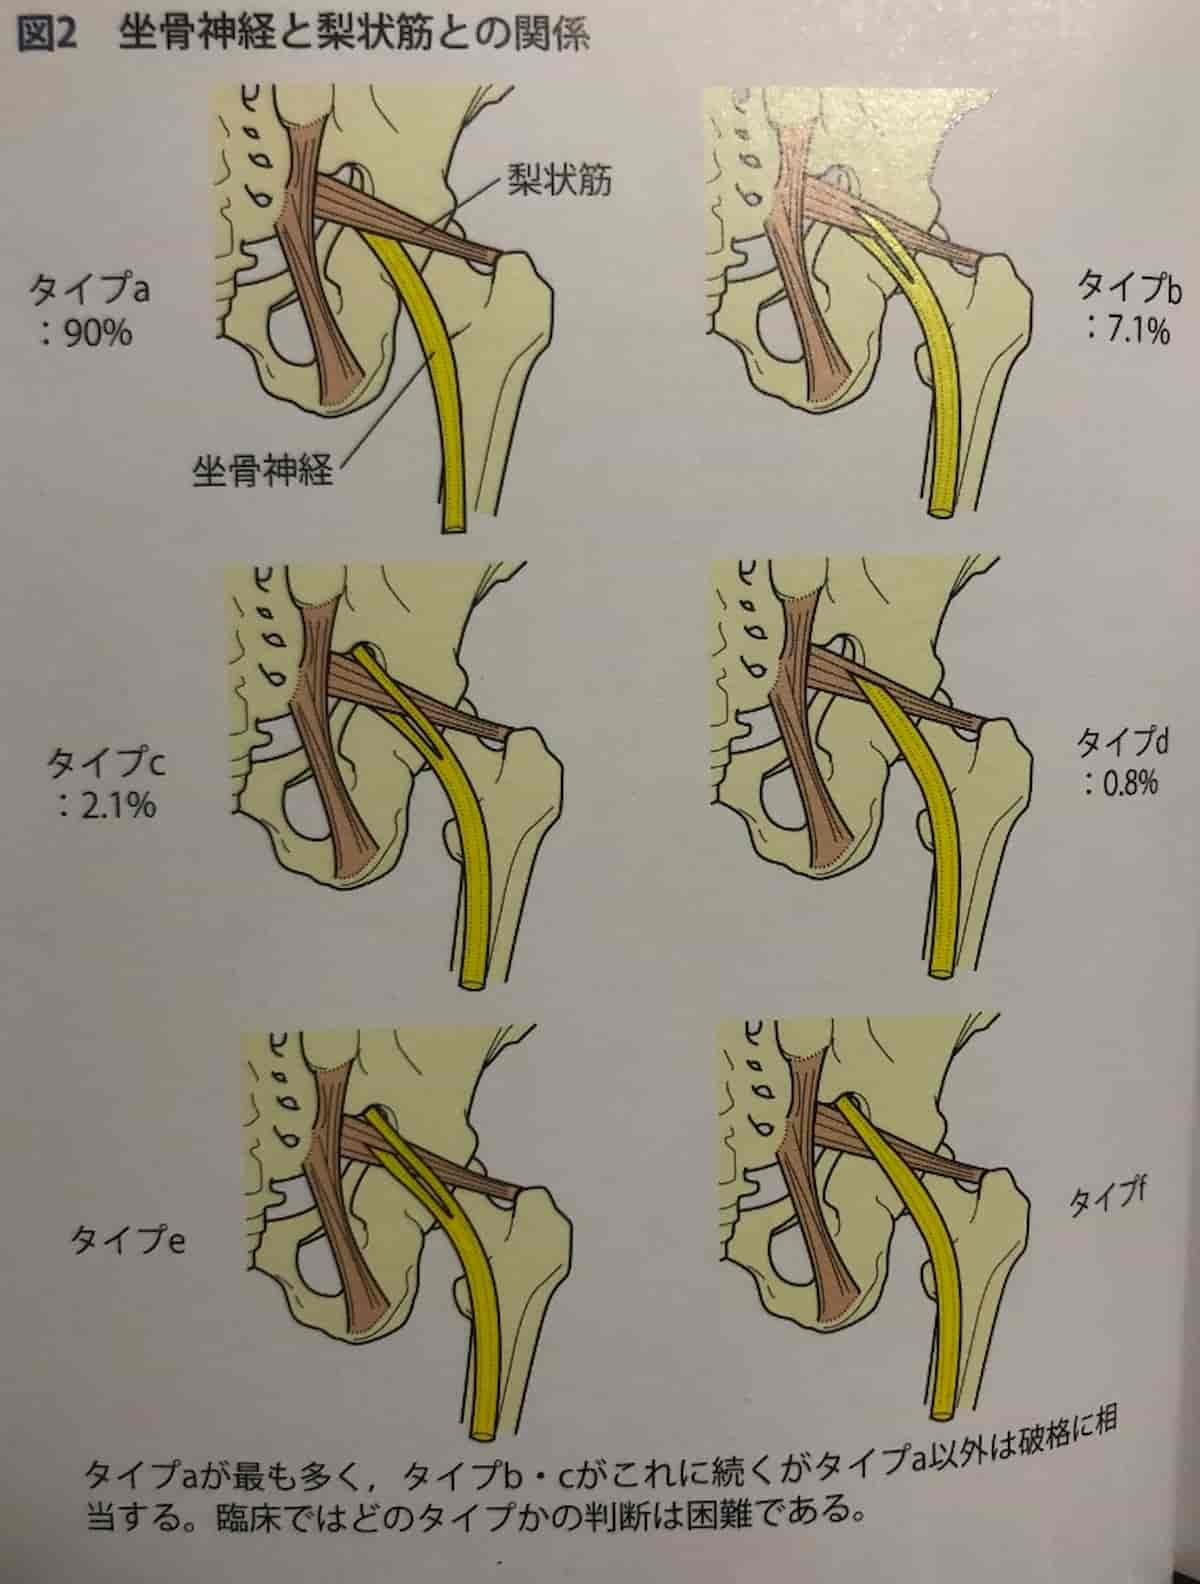 坐骨神経と梨状筋の解剖